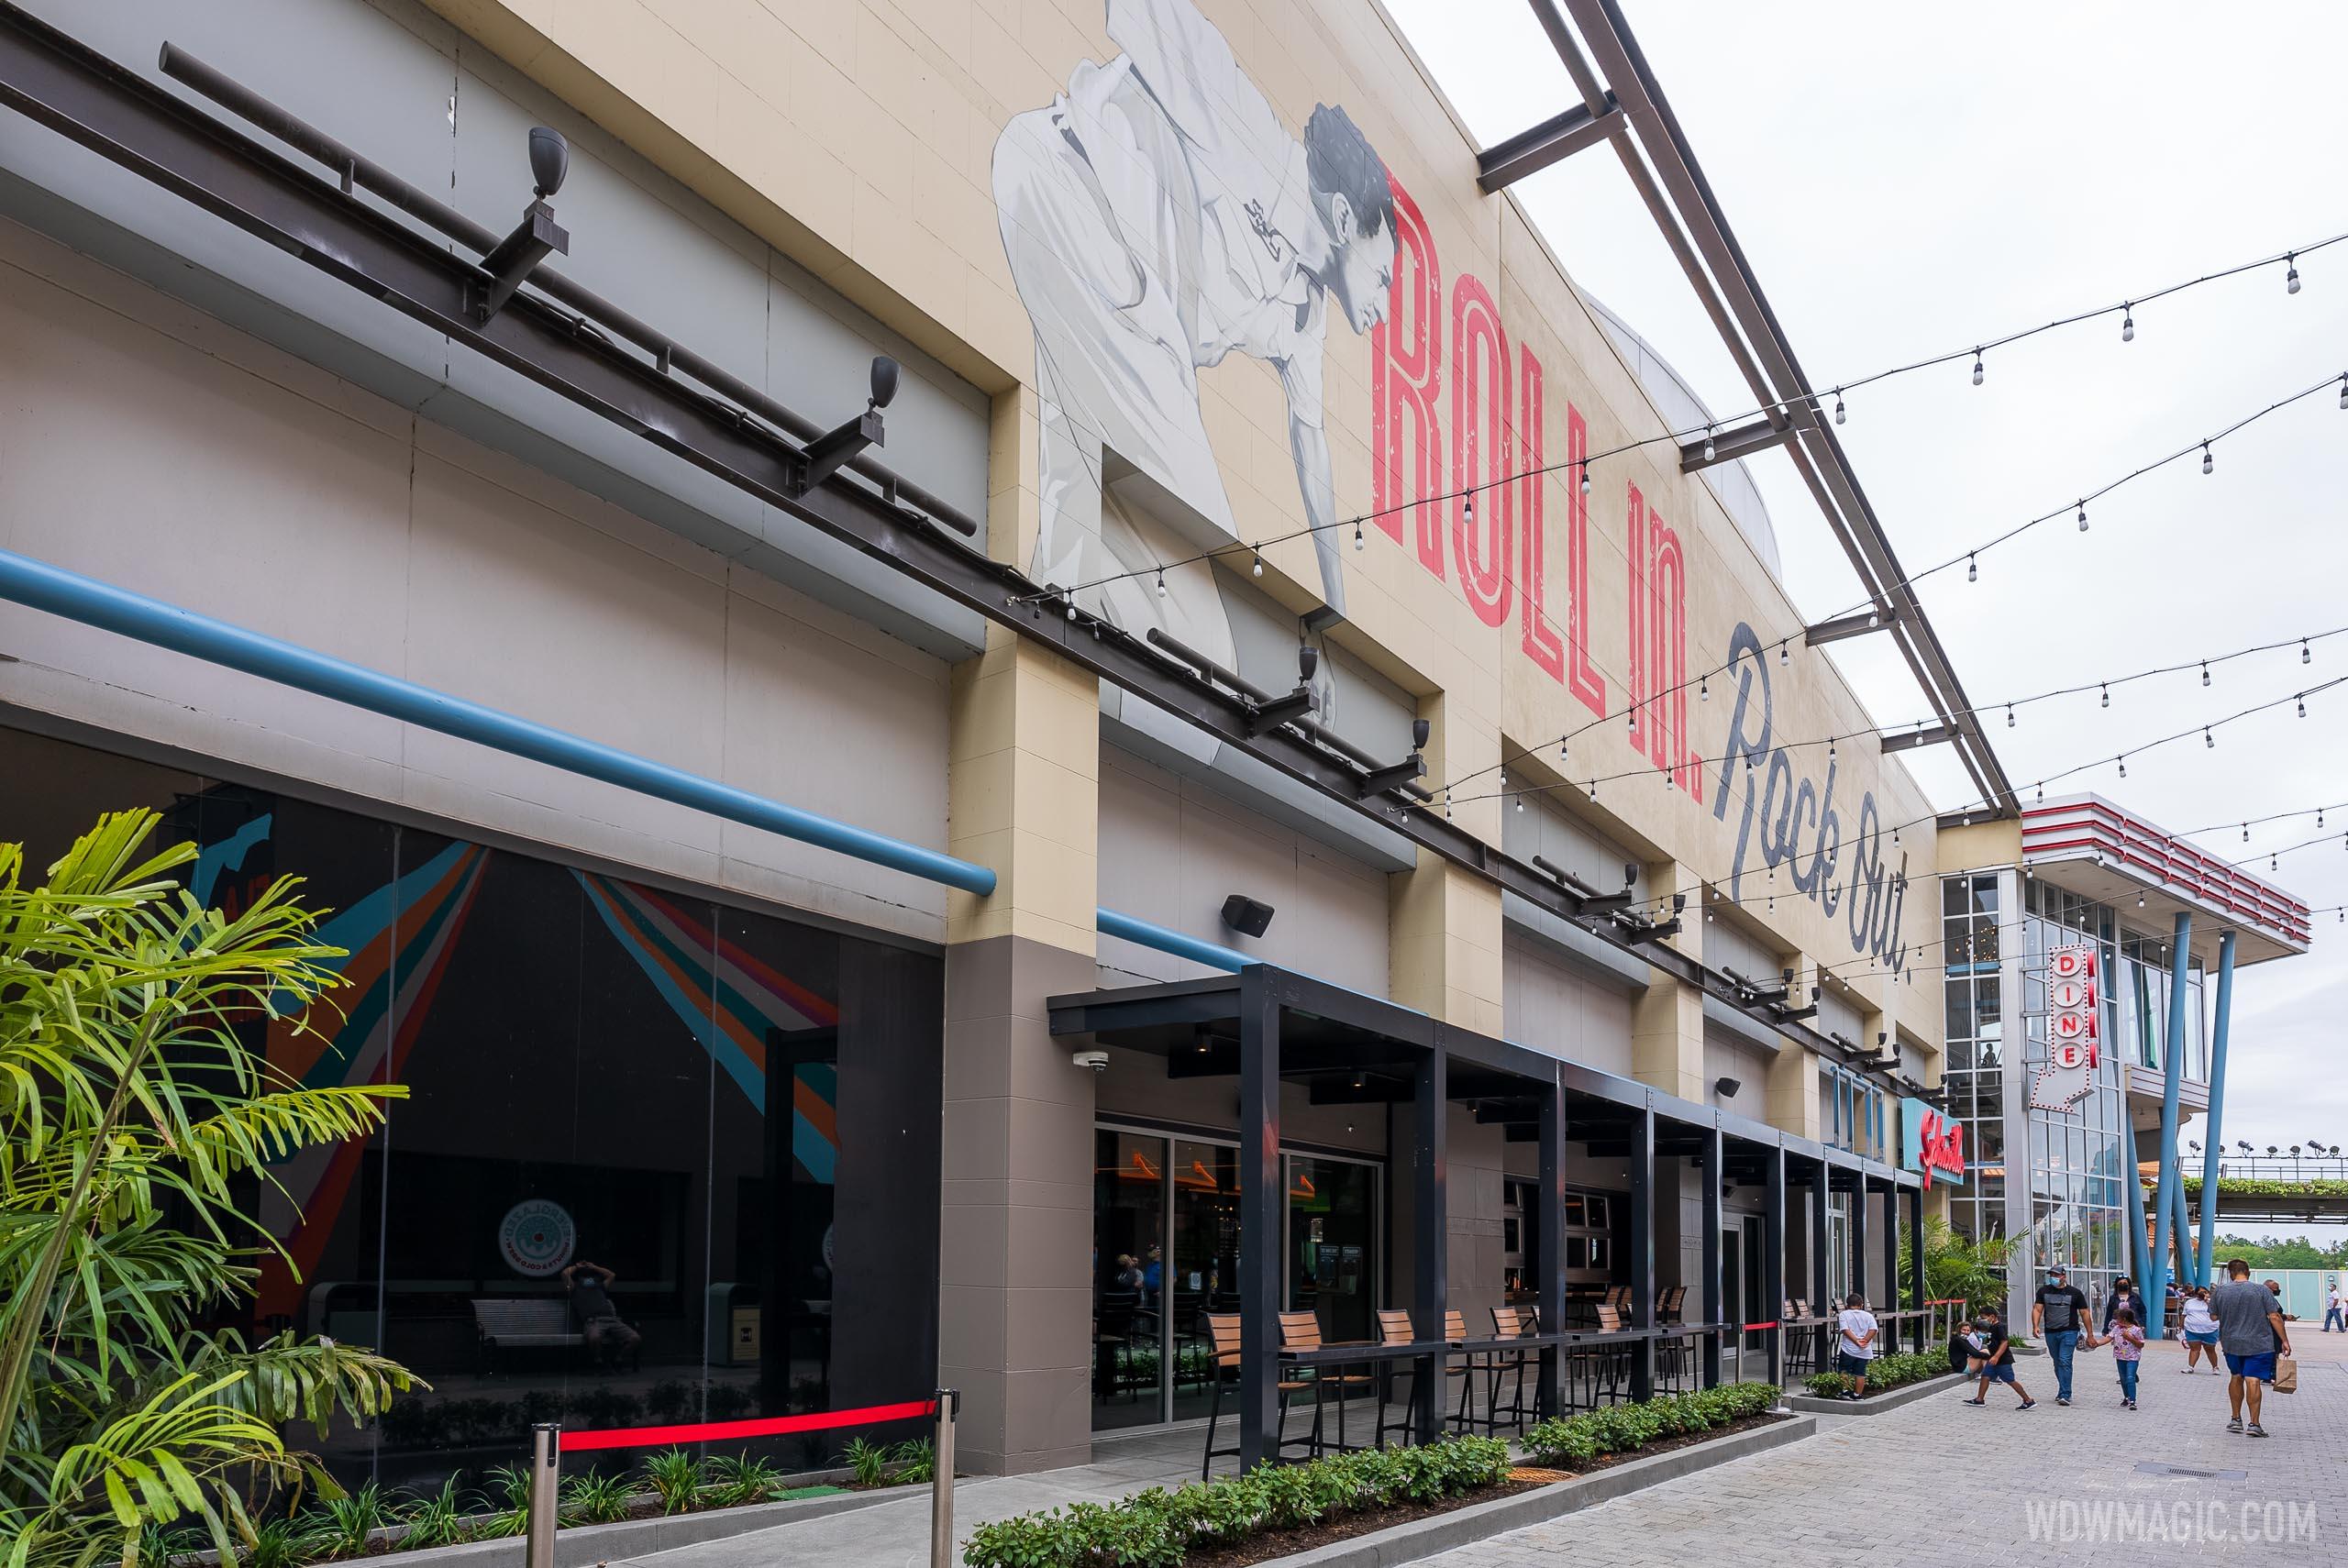 Splitsville new indoor-outdoor bar